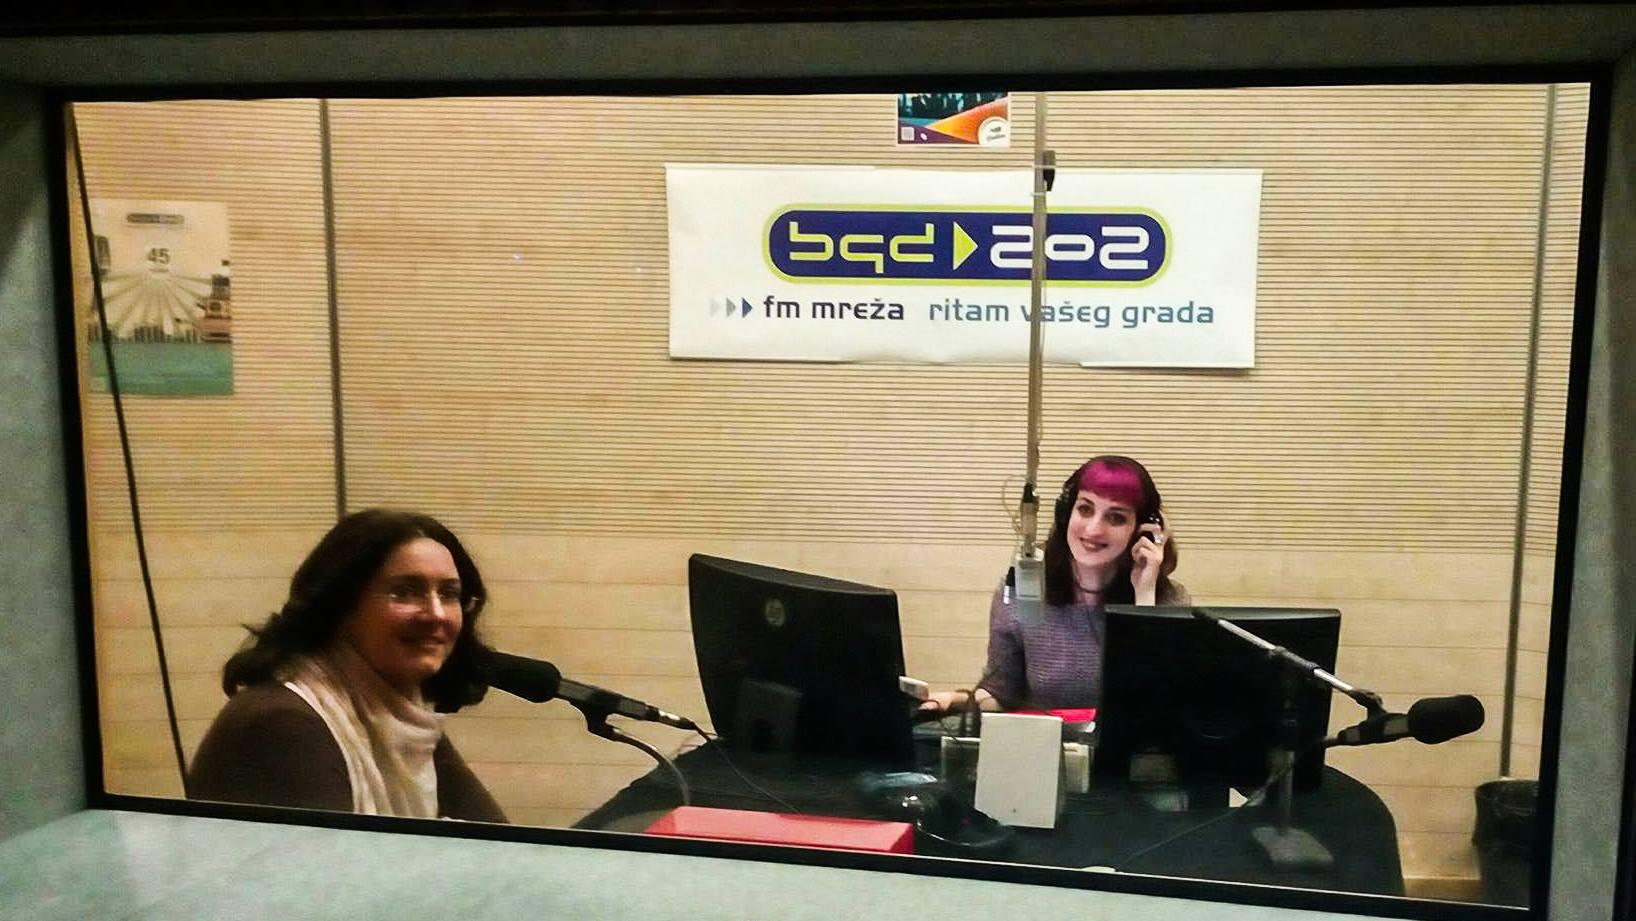 Foto: Radio Beograd 202 / Facebook